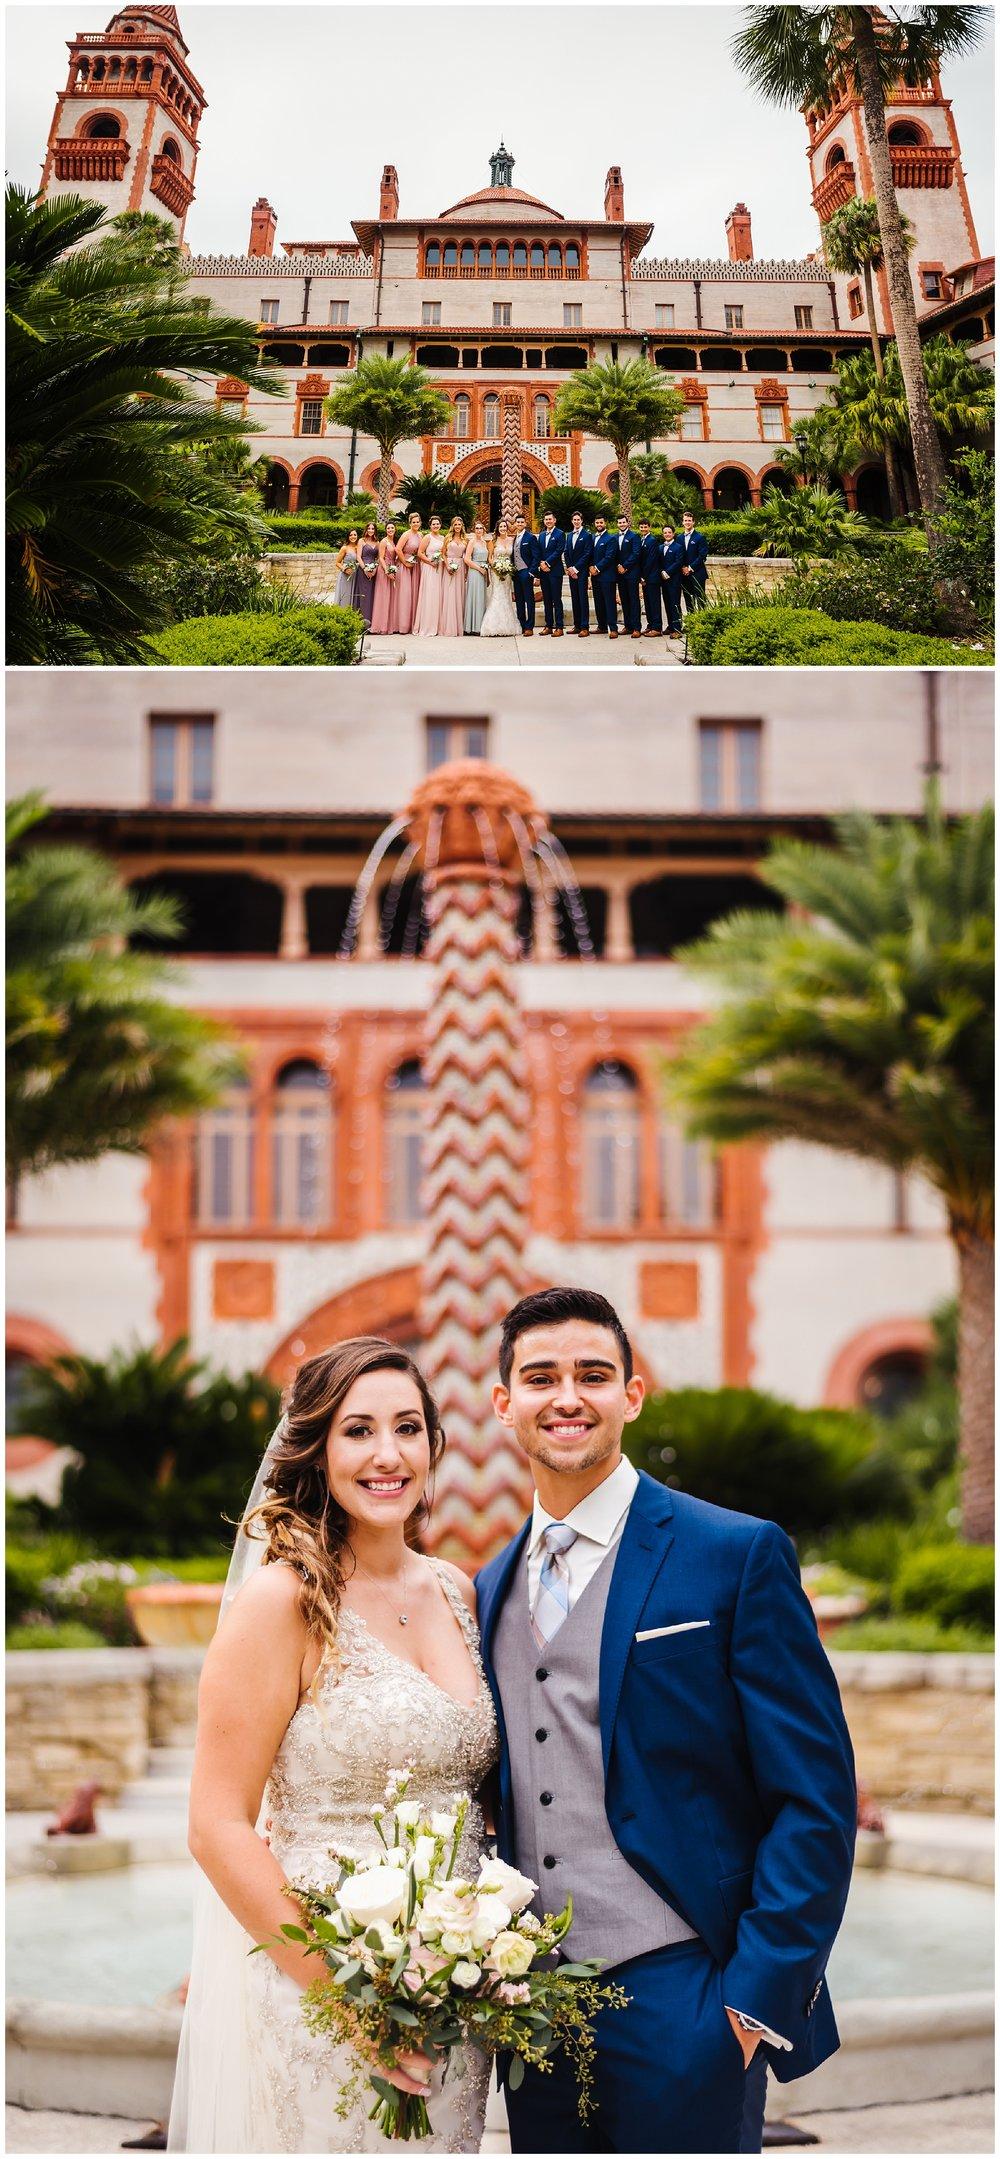 st-augustine-destination-wedding-photographer-white-room-villa-blanca-flagler-first-look_0025.jpg